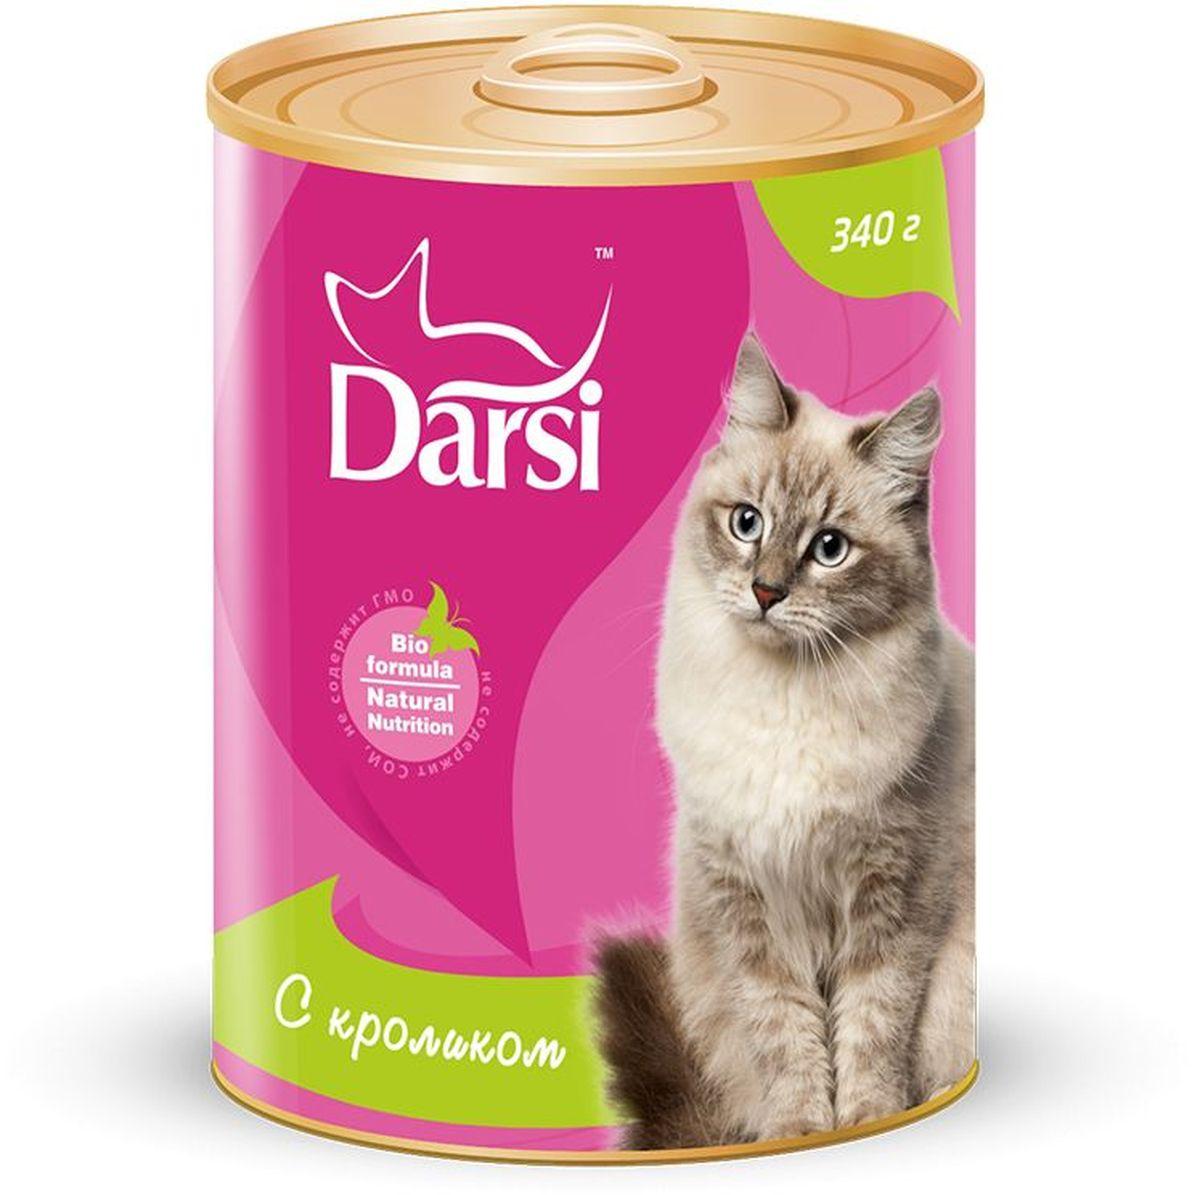 Консервы для кошек Darsi, с кроликом, 340 г. 92359235Полнорационный консервированный корм для кошек в виде фарша.